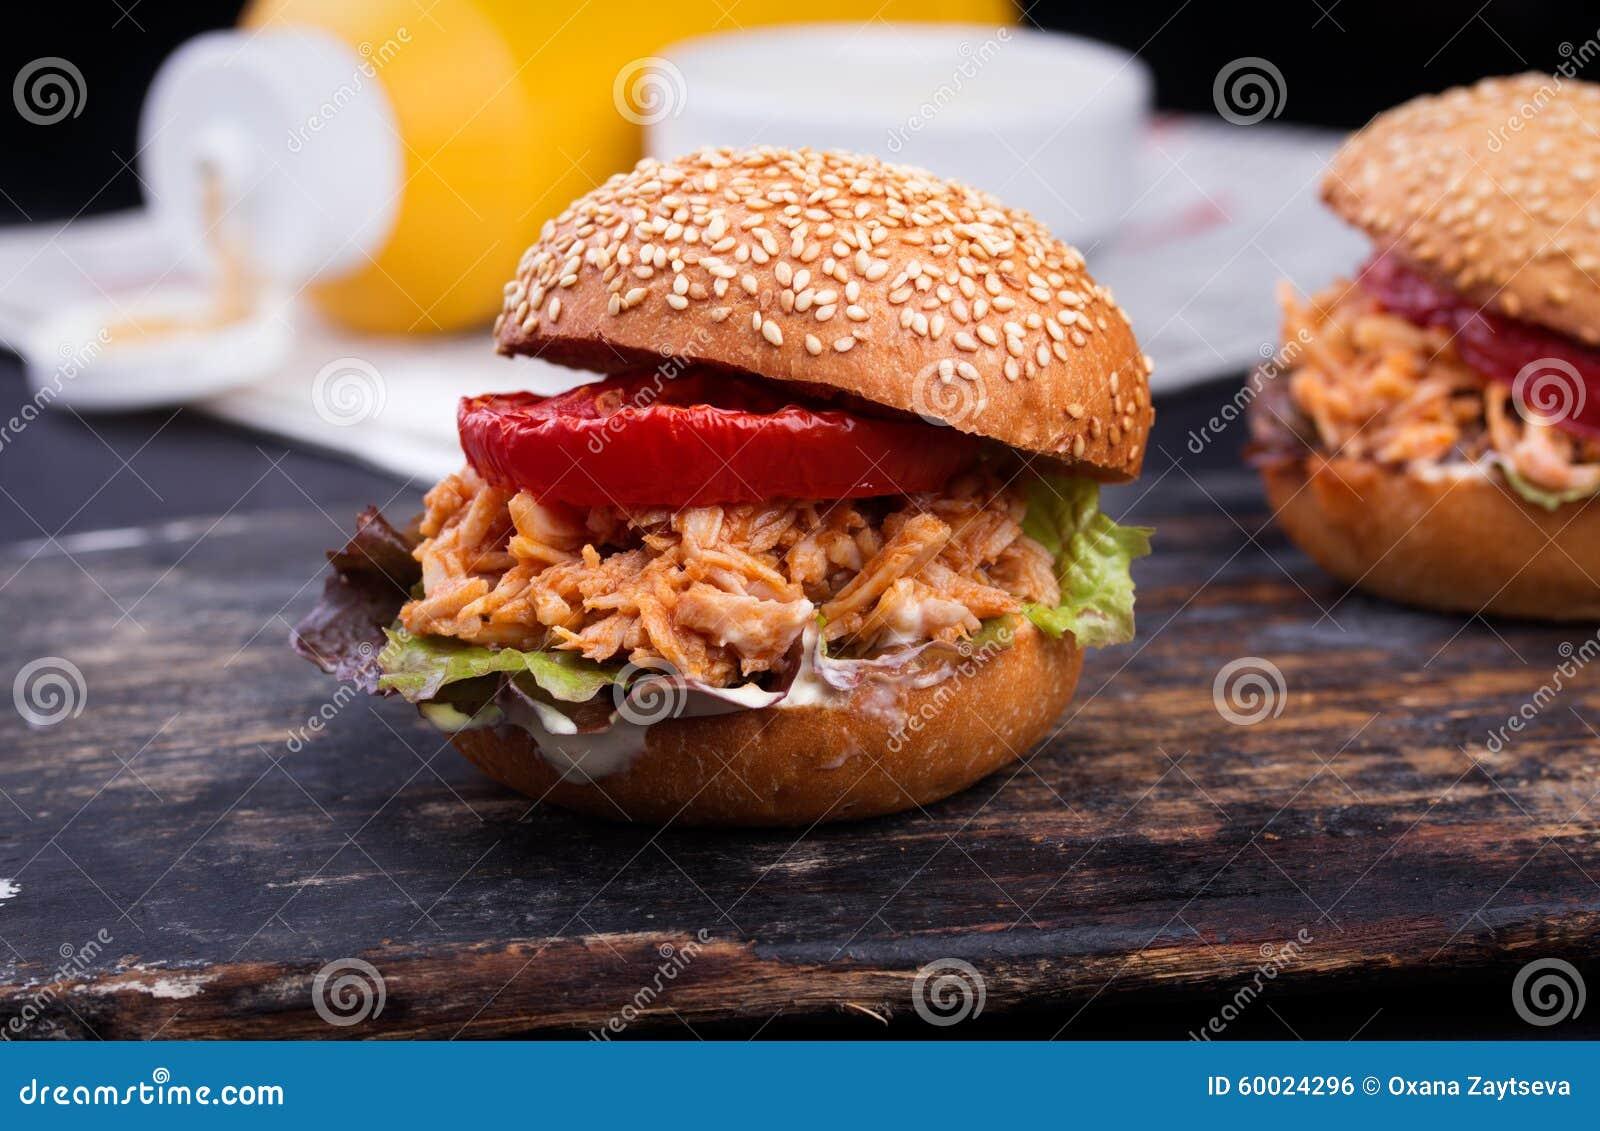 Świeżo przygotowana niedbałego Joe kanapka